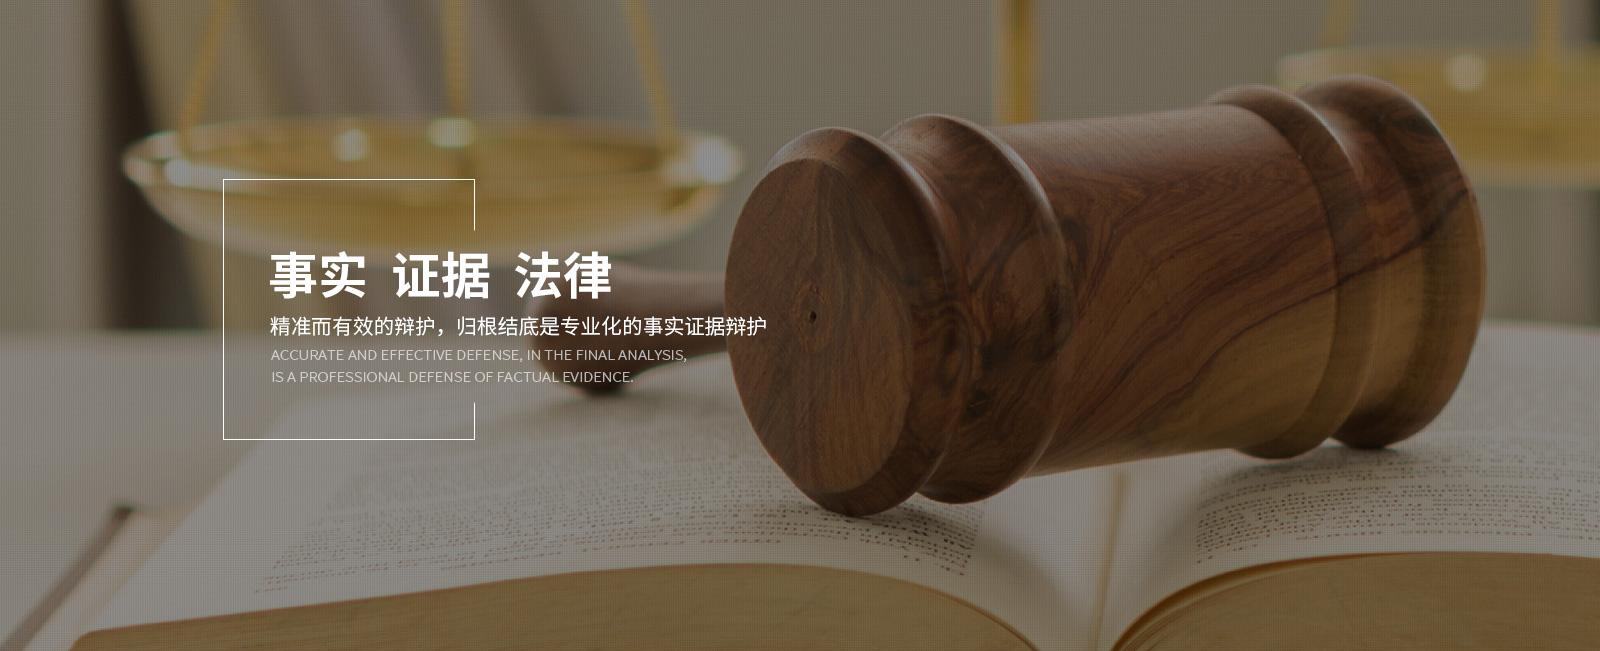 上海精准刑辩网